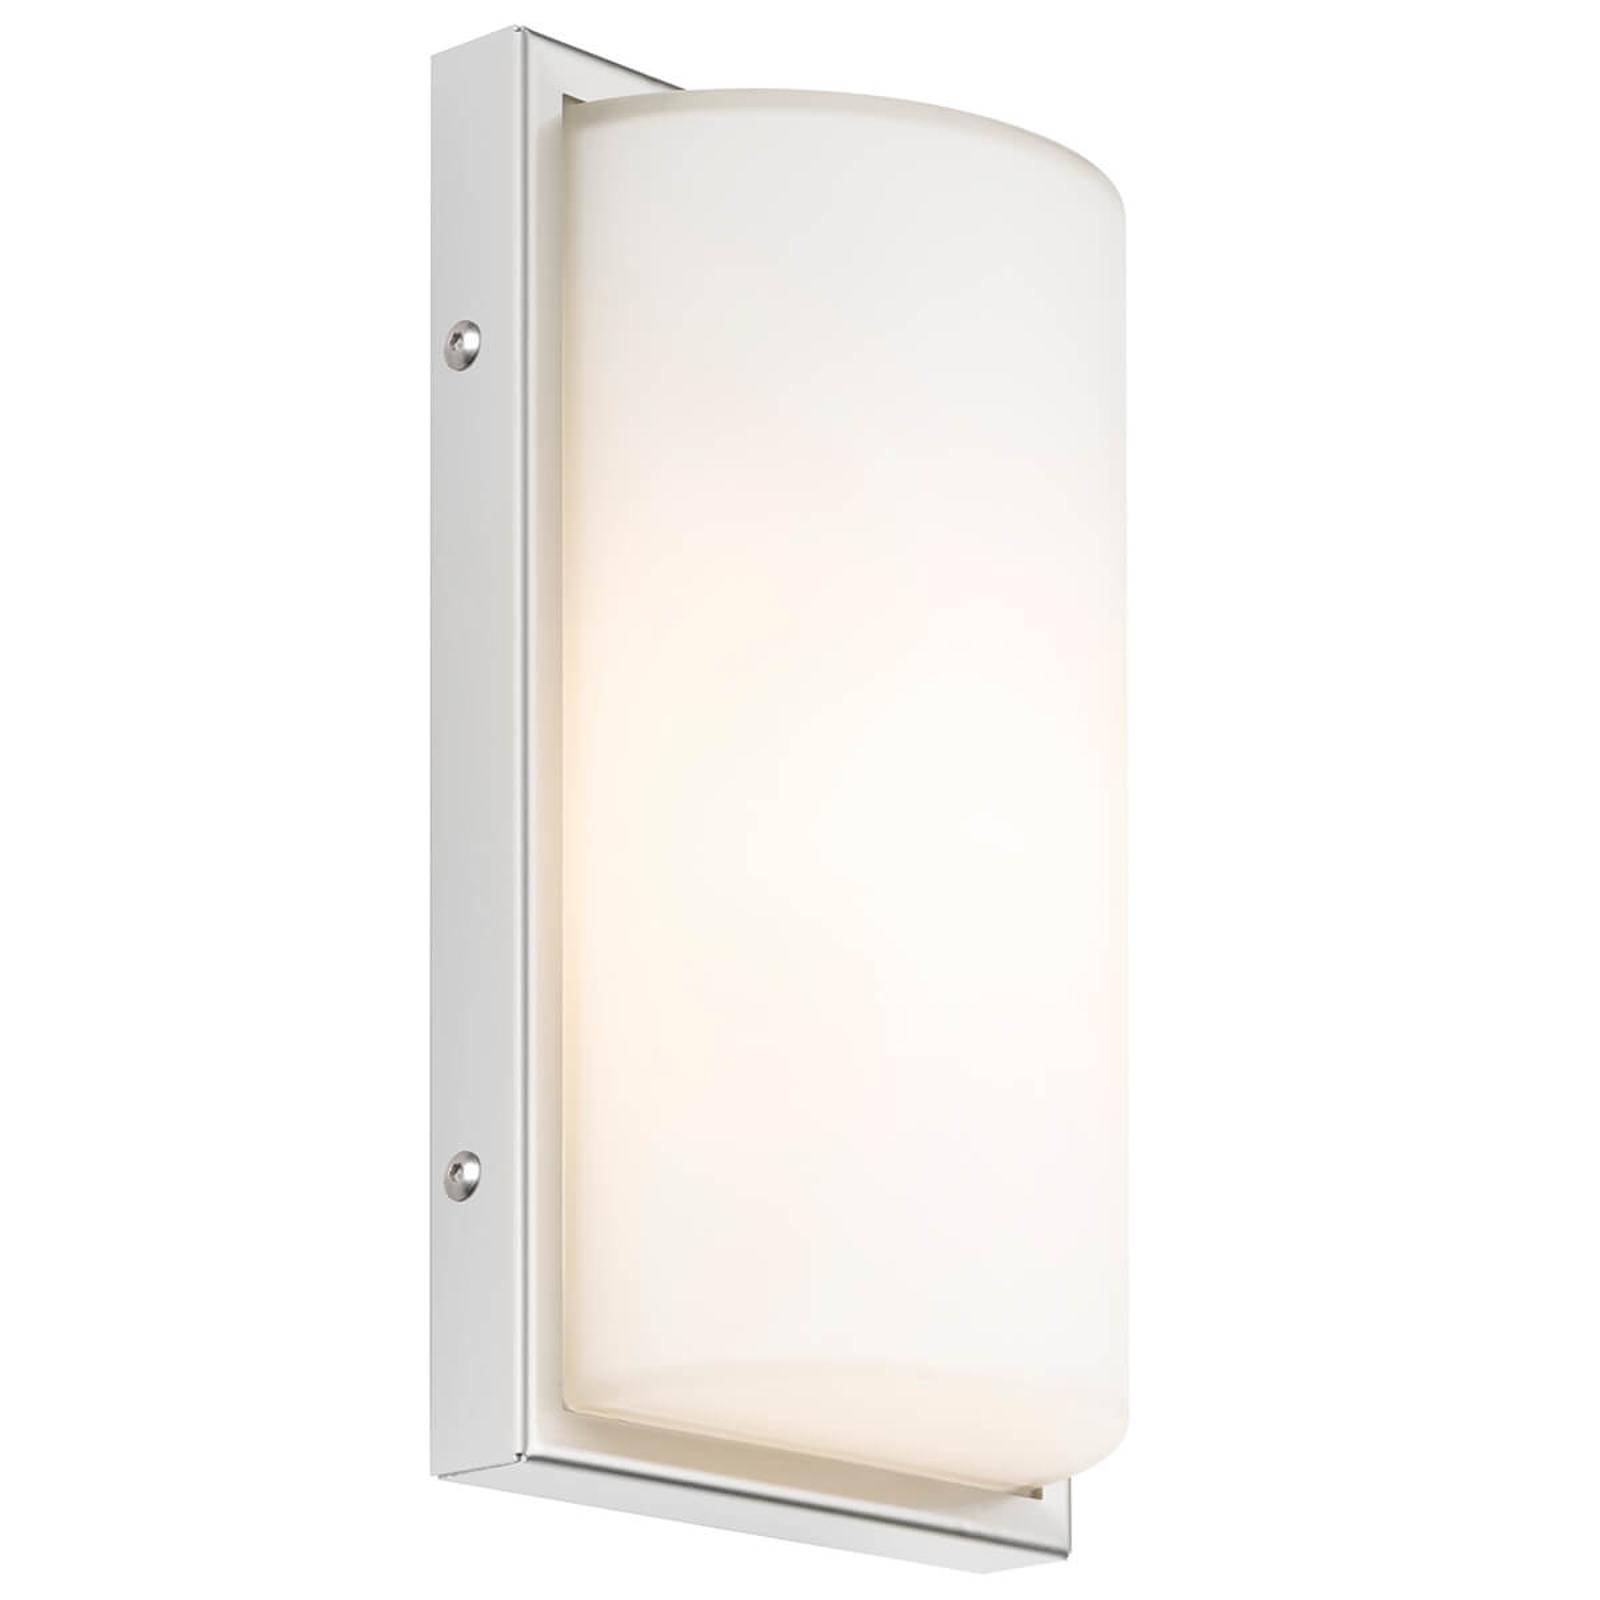 LED-ulkoseinälamppu 040 tunnistimella, valkoinen